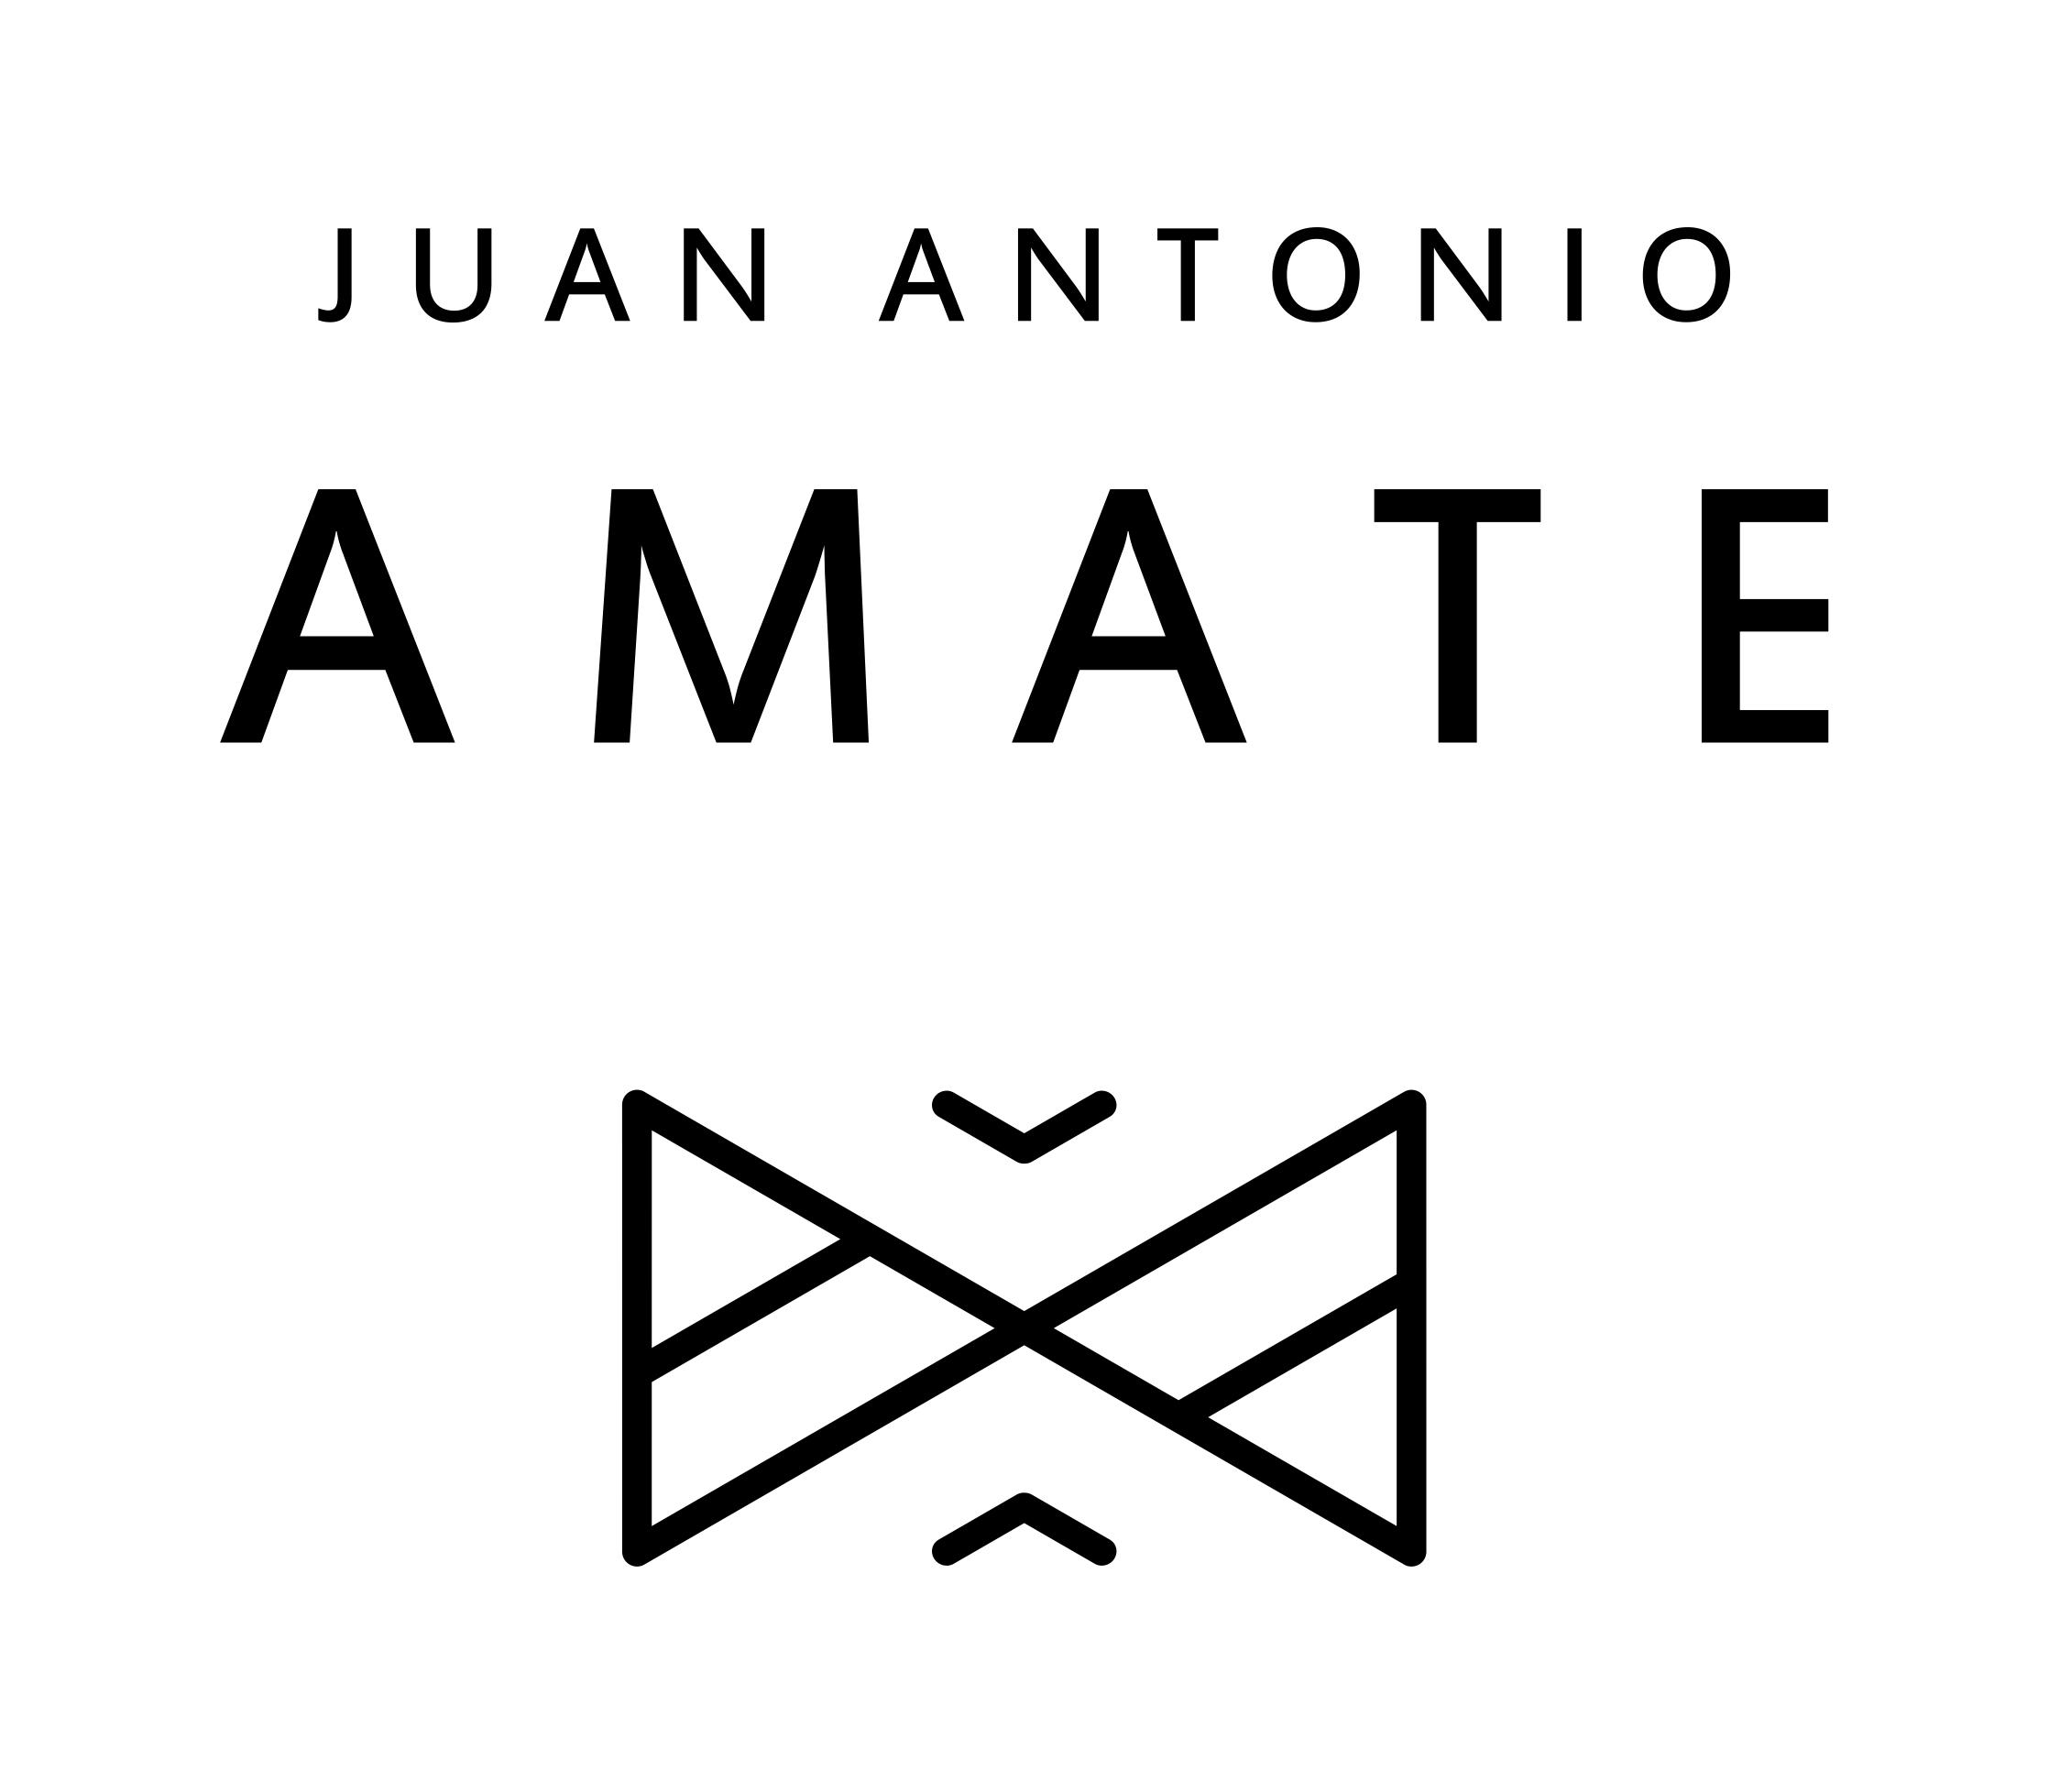 Juan Antonio Amate